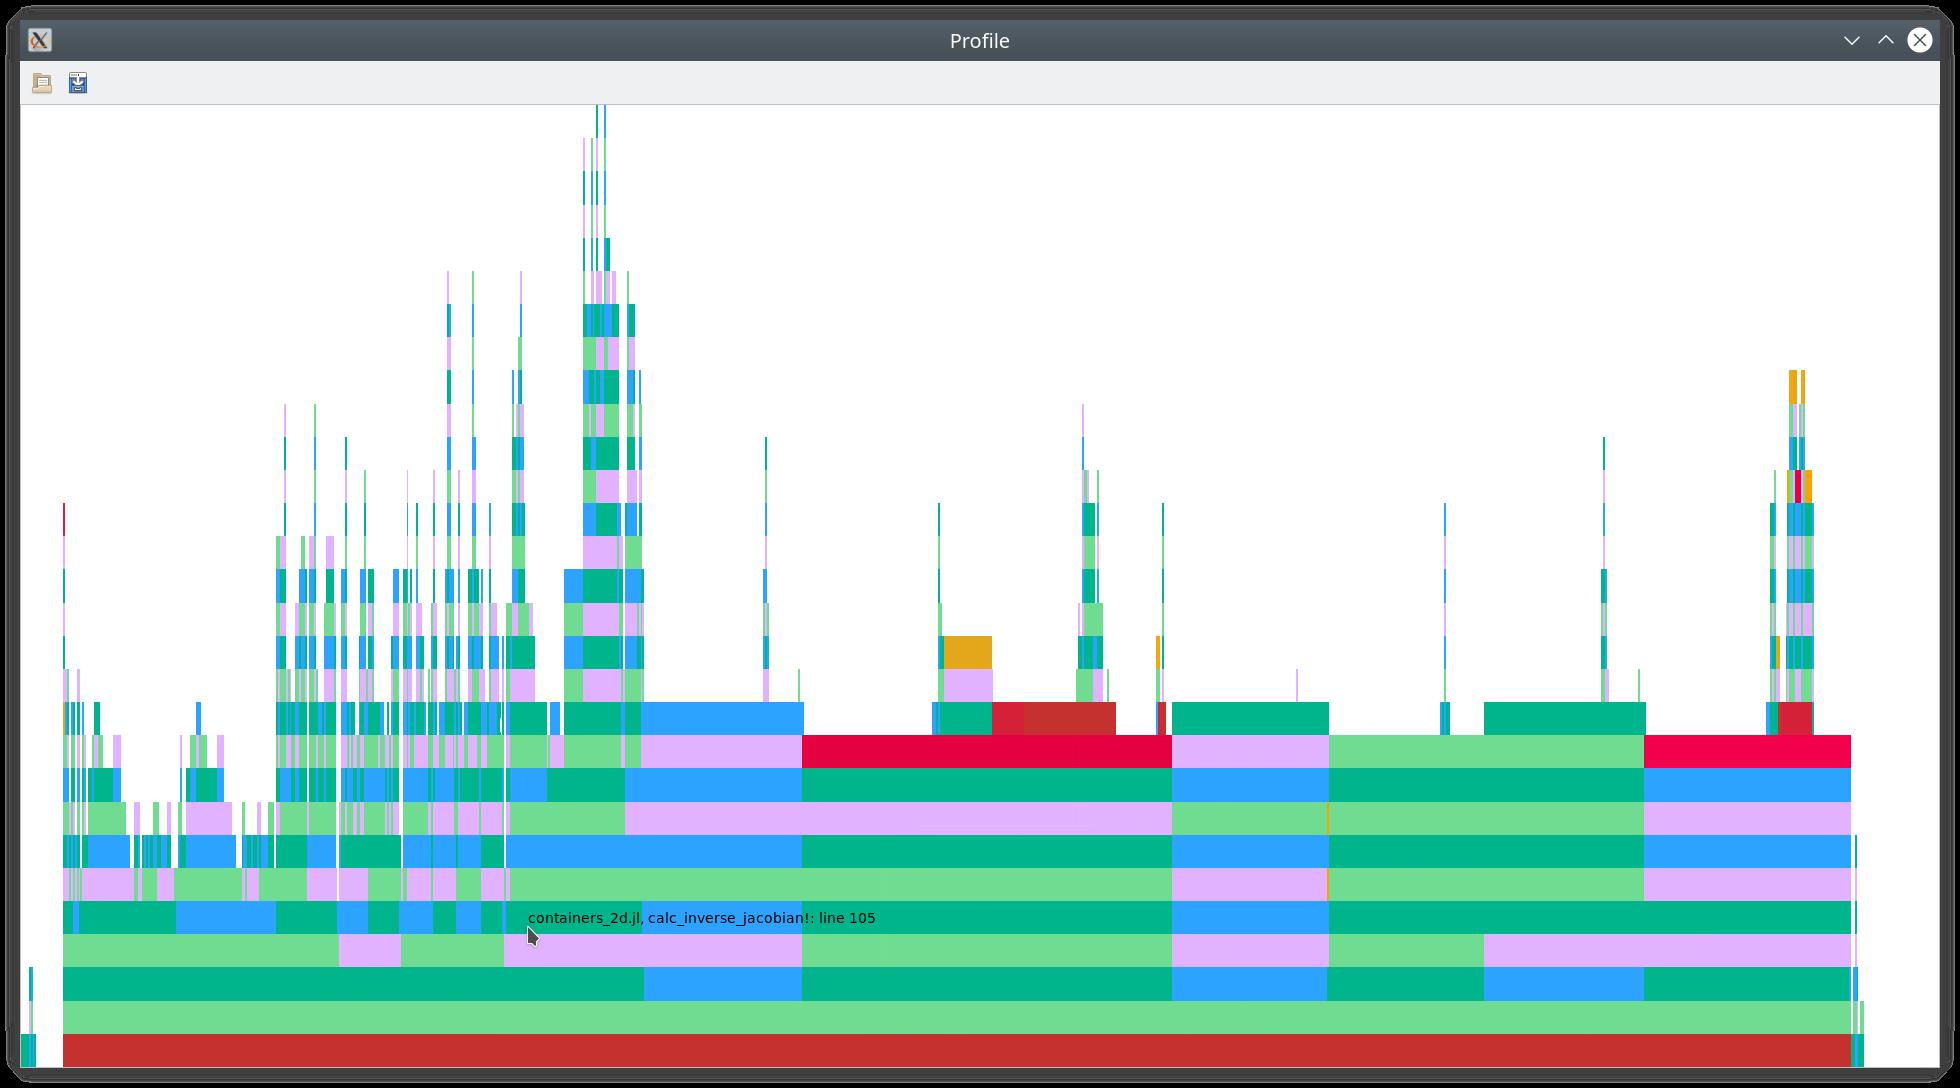 trixi_p4est_performance_profile_3